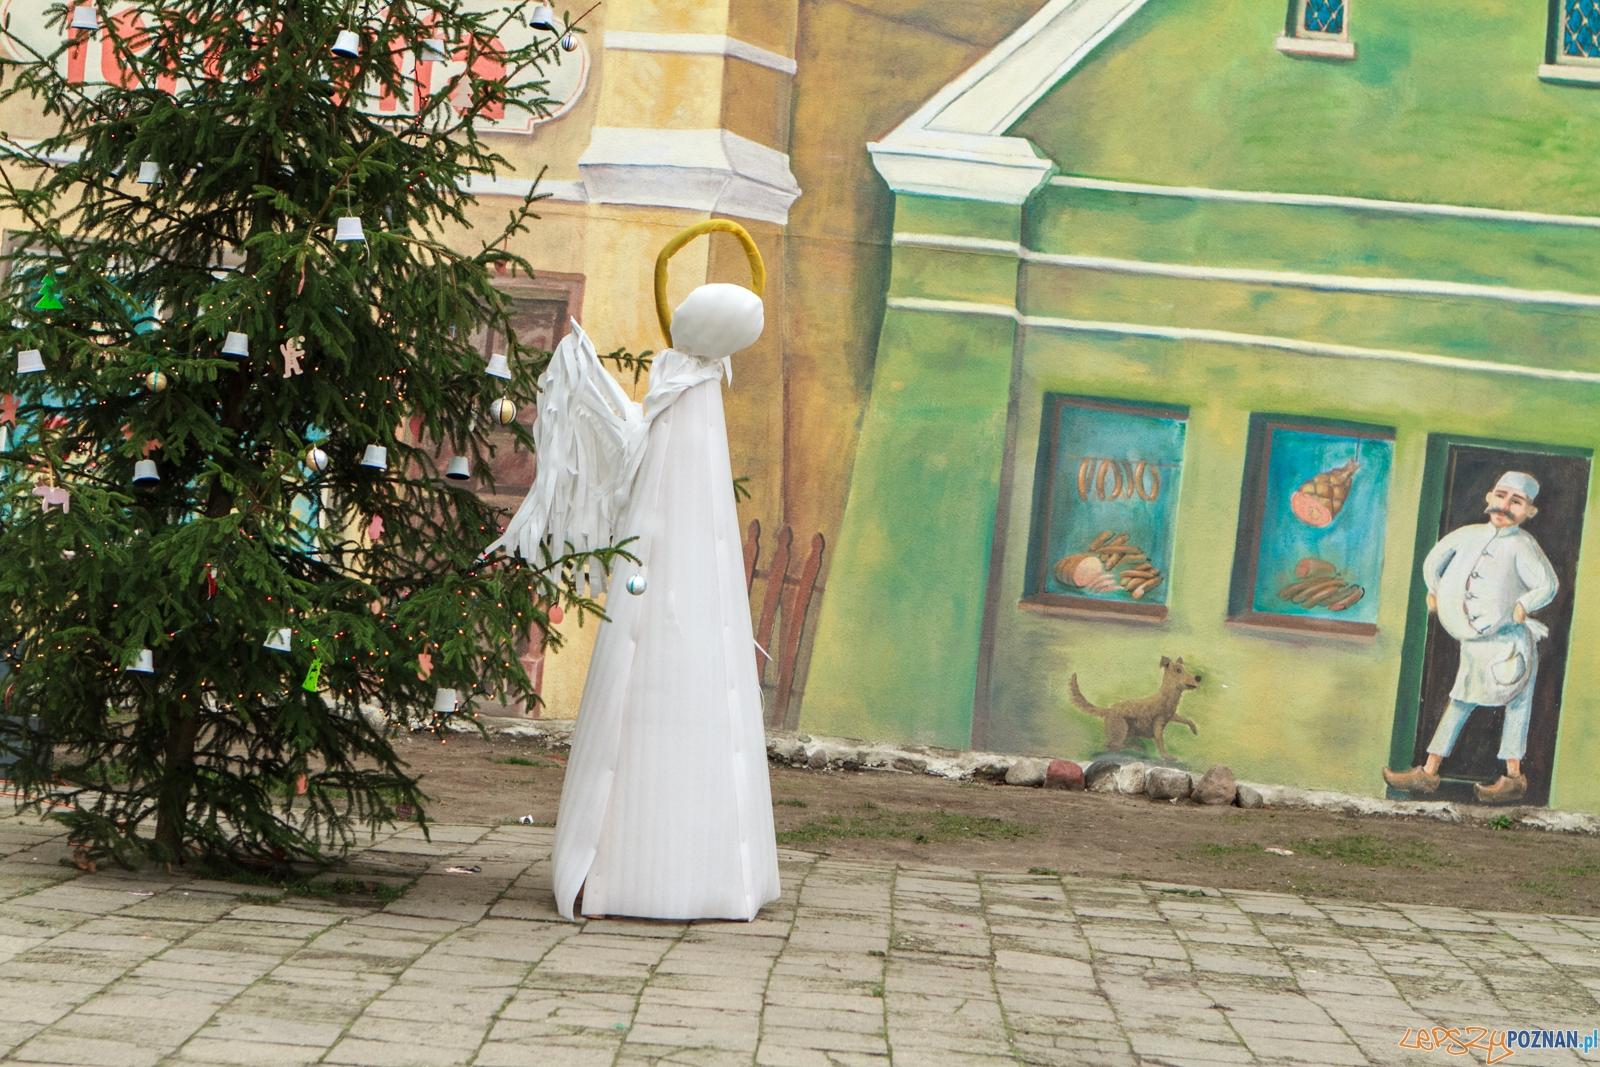 Anioły zawitały na Śródkę  Foto: LepszyPOZNAN.pl / Paweł Rychter